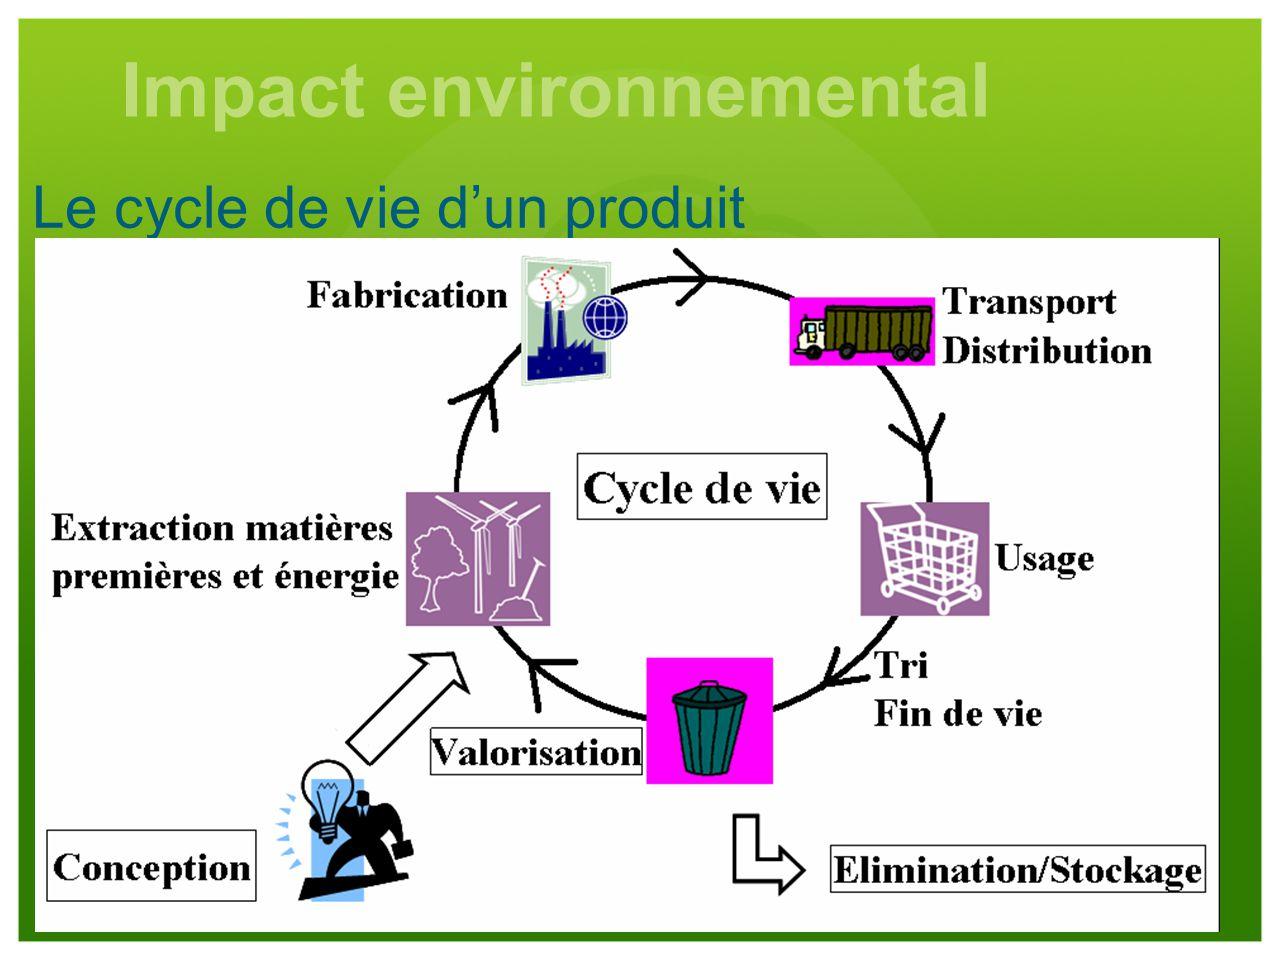 Le cycle de vie d'un produit Impact environnemental